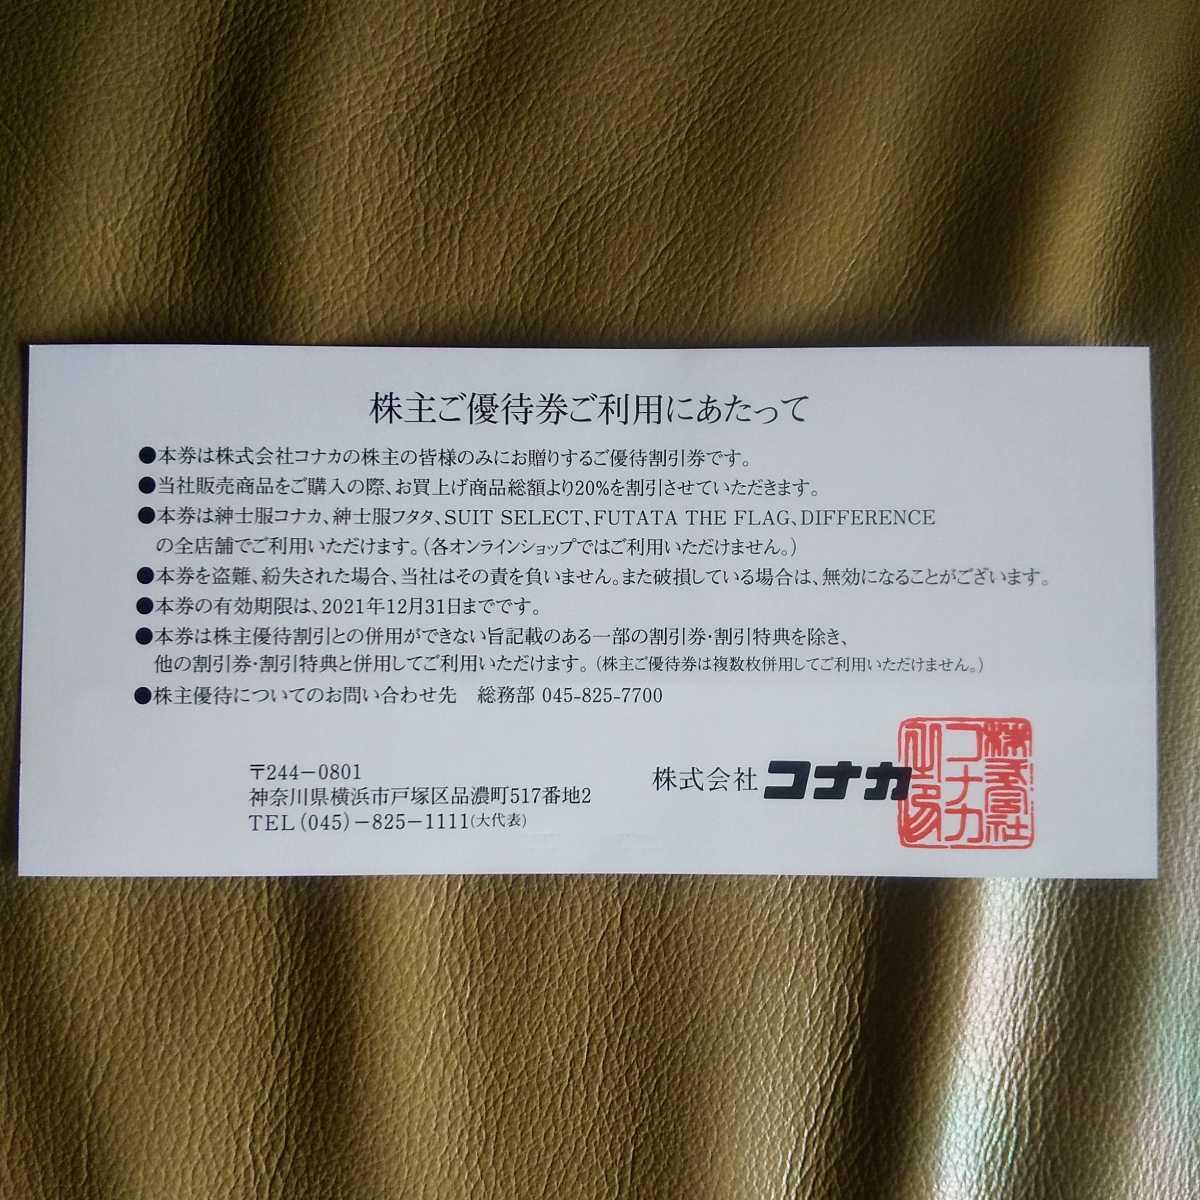 ▲送料無料▲紳士服コナカ フタタ スーツセレクト 株主優待券 20%割引券 有効期限:2021.12.31_画像2